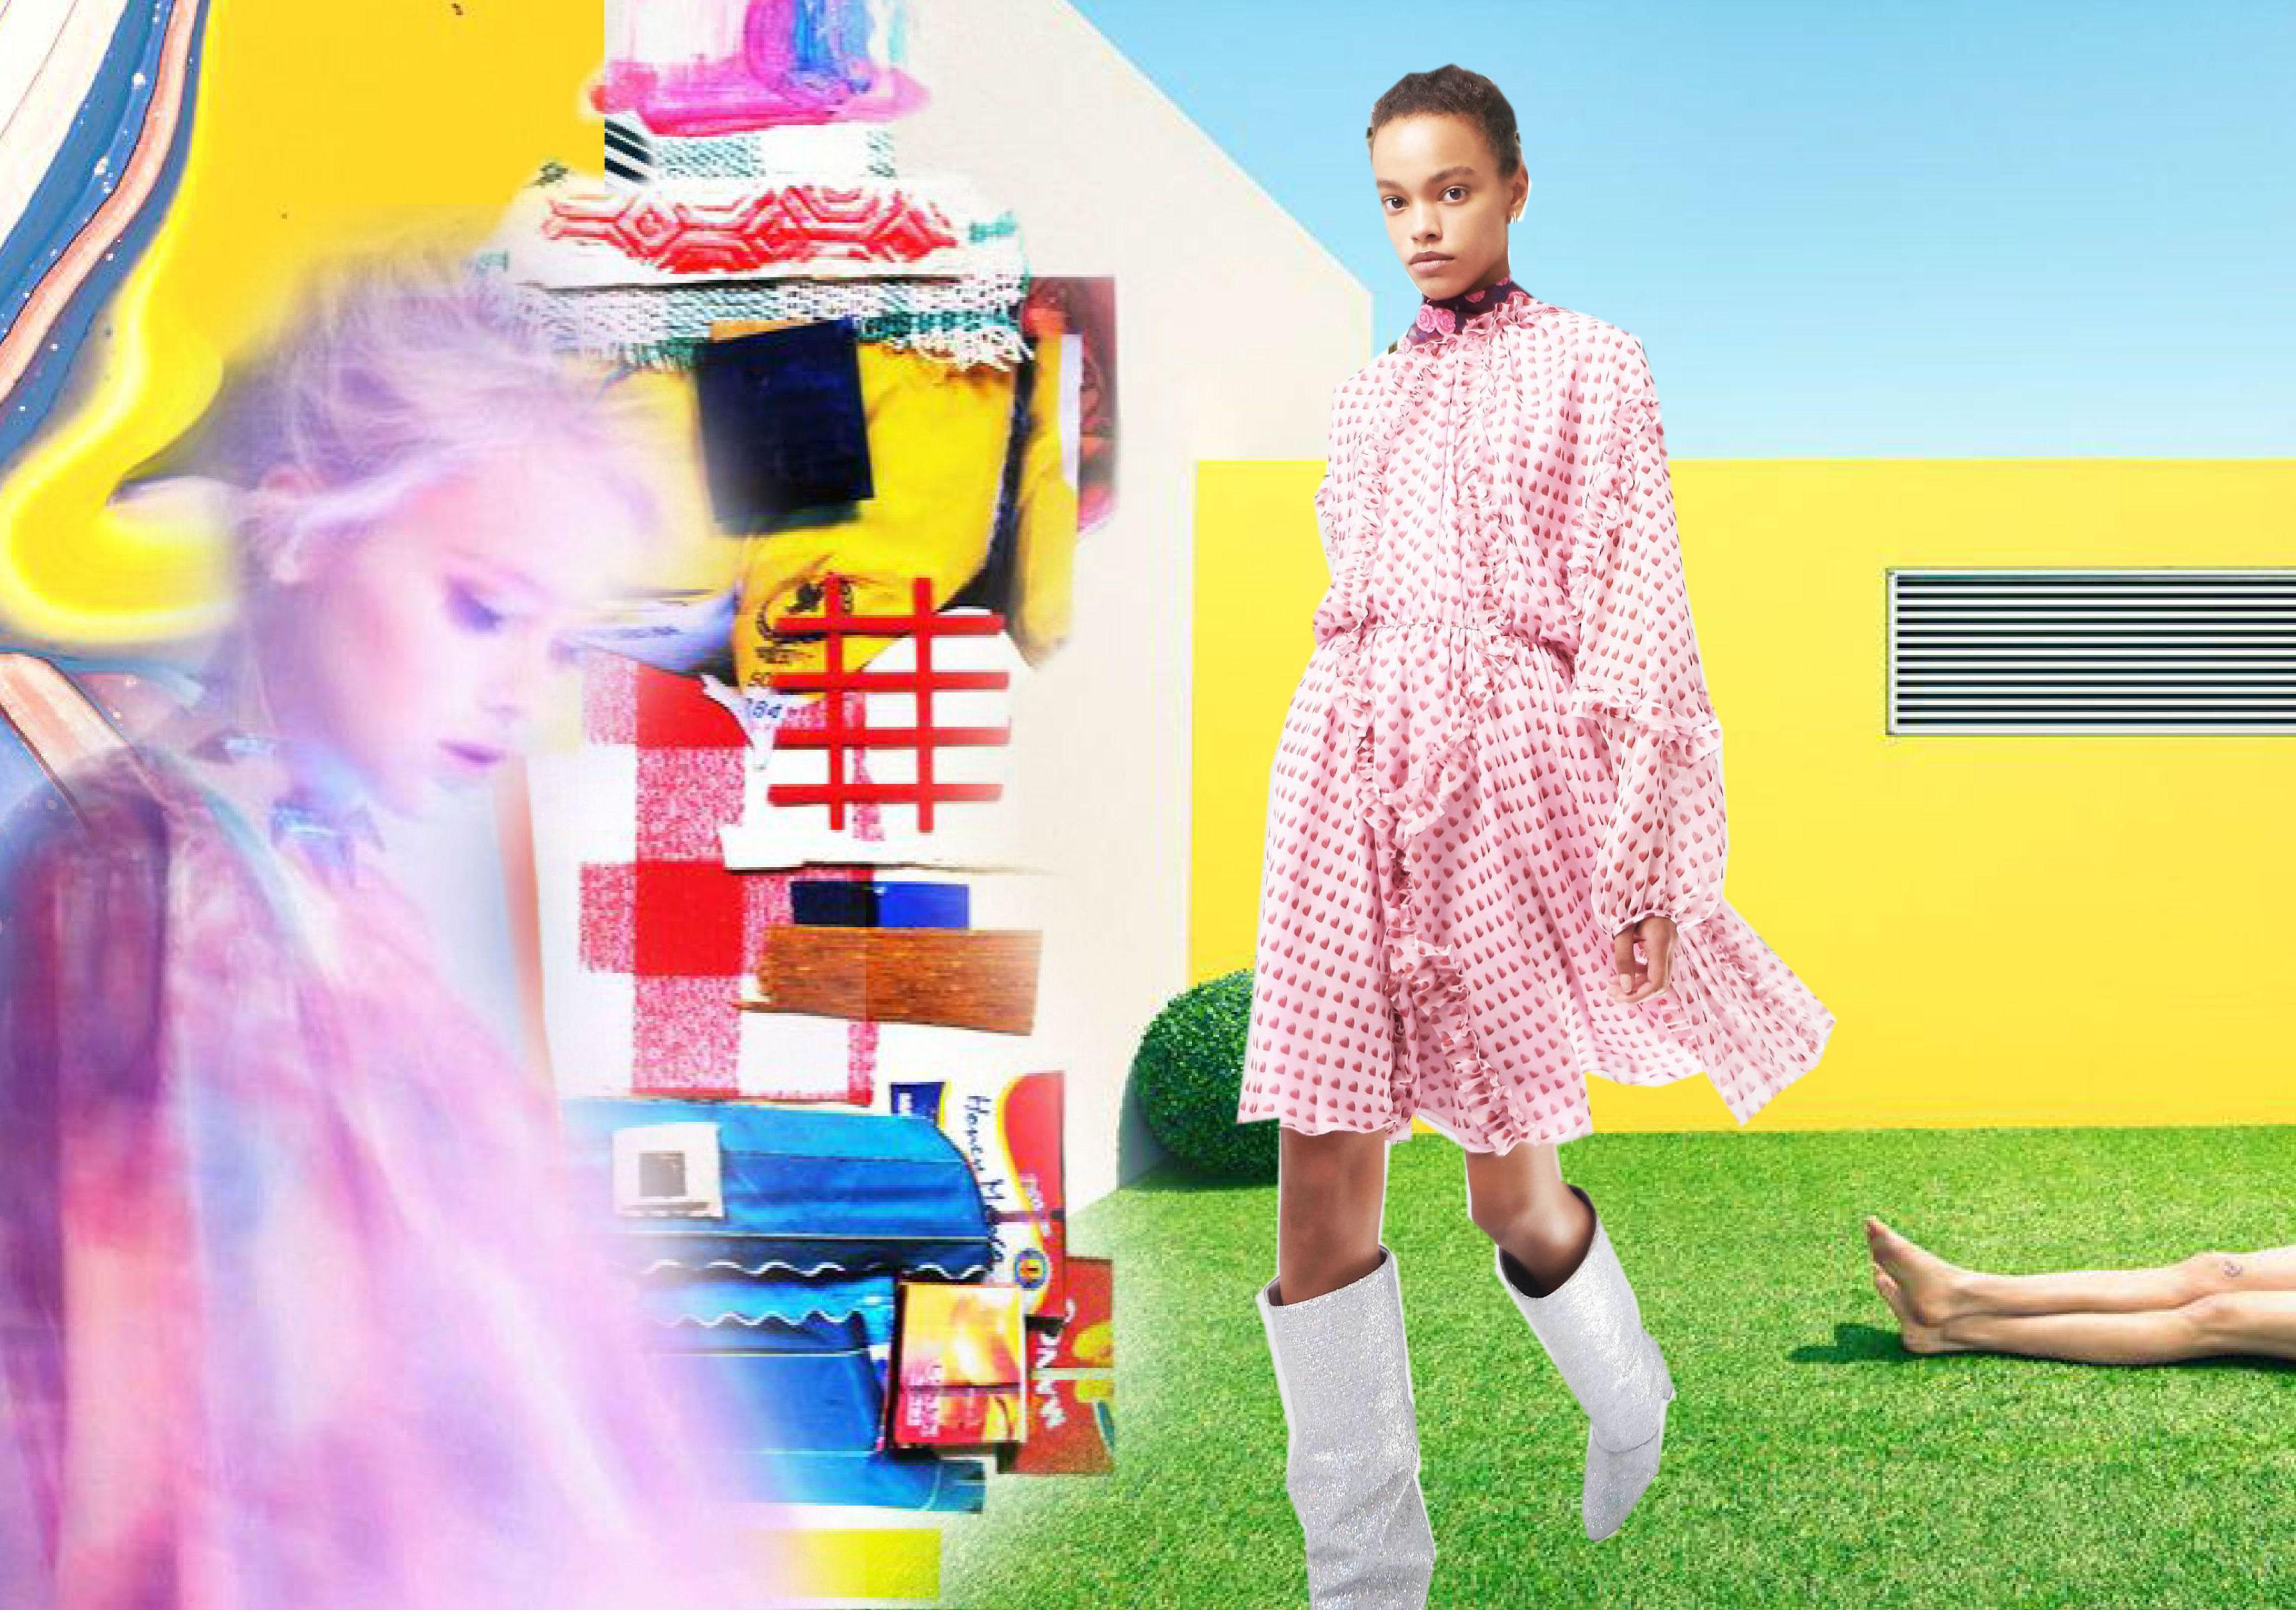 2020春夏女装连衣裙轻薄面料色彩趋势--梦幻粉彩